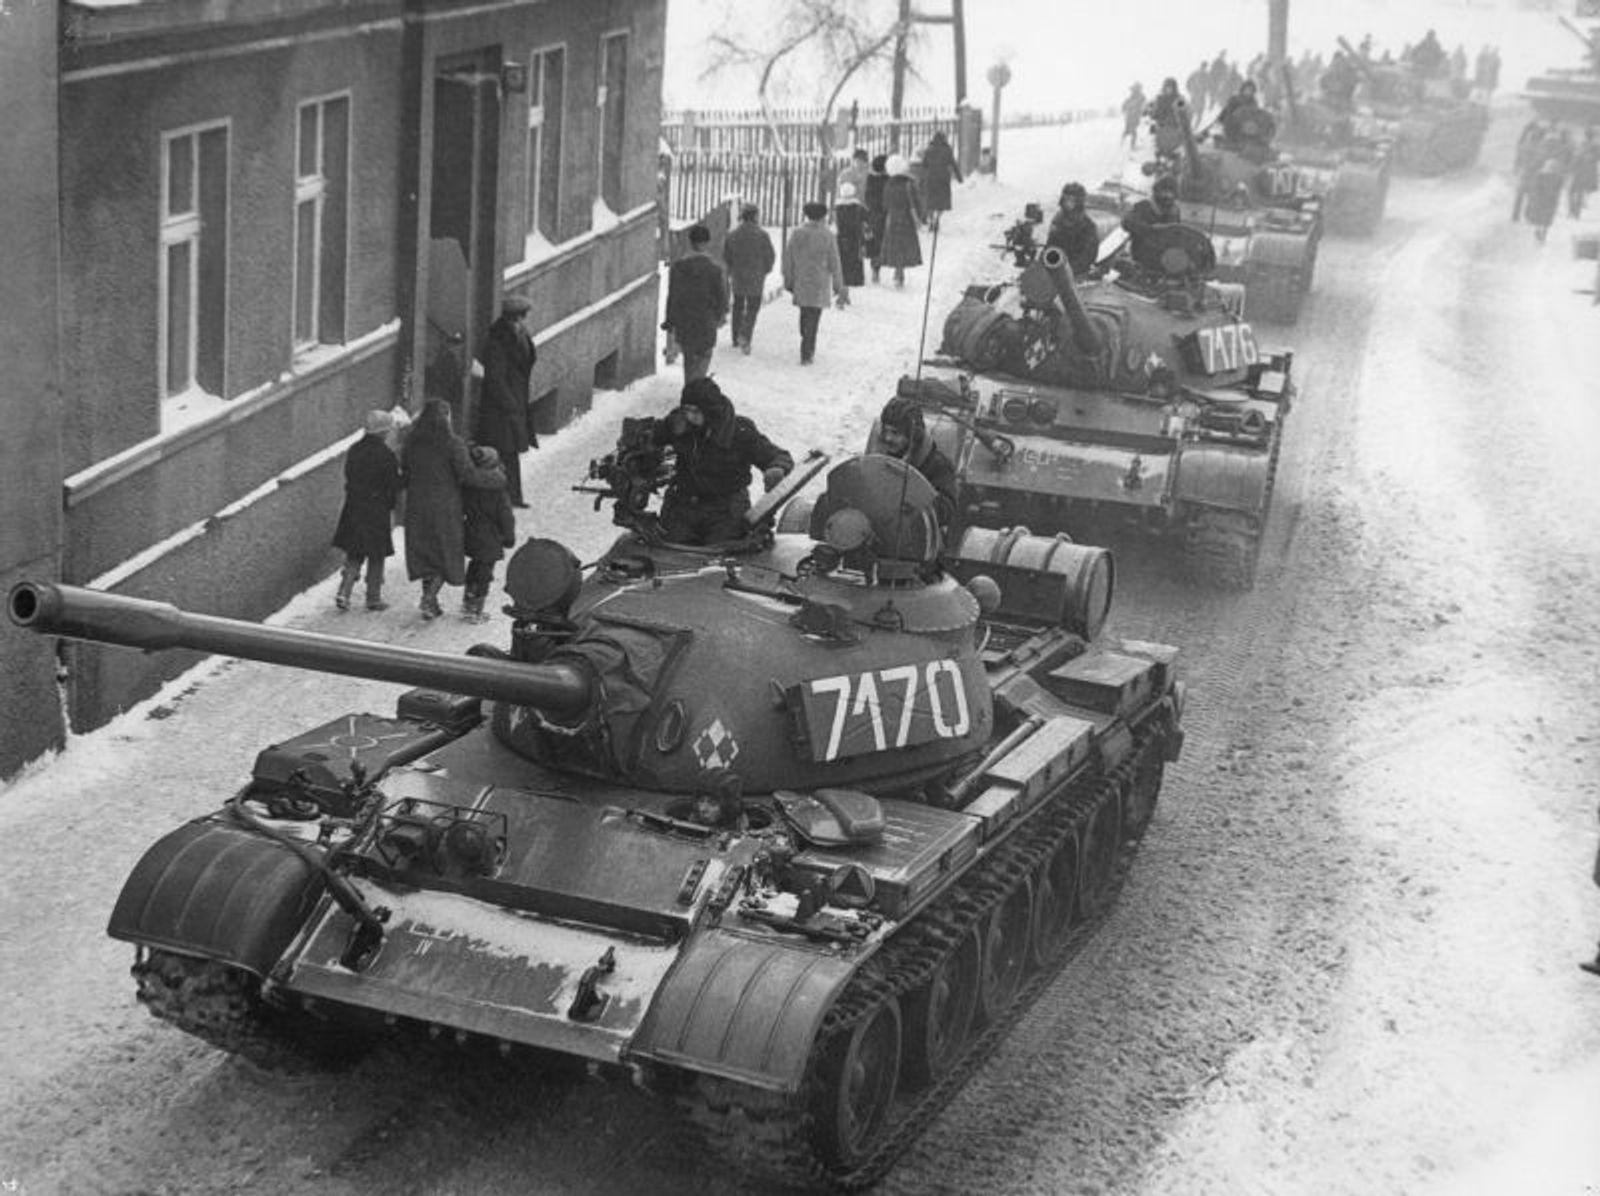 Танки Т-55А на улицах польских городов во время введения военного положения в декабре 1981 года